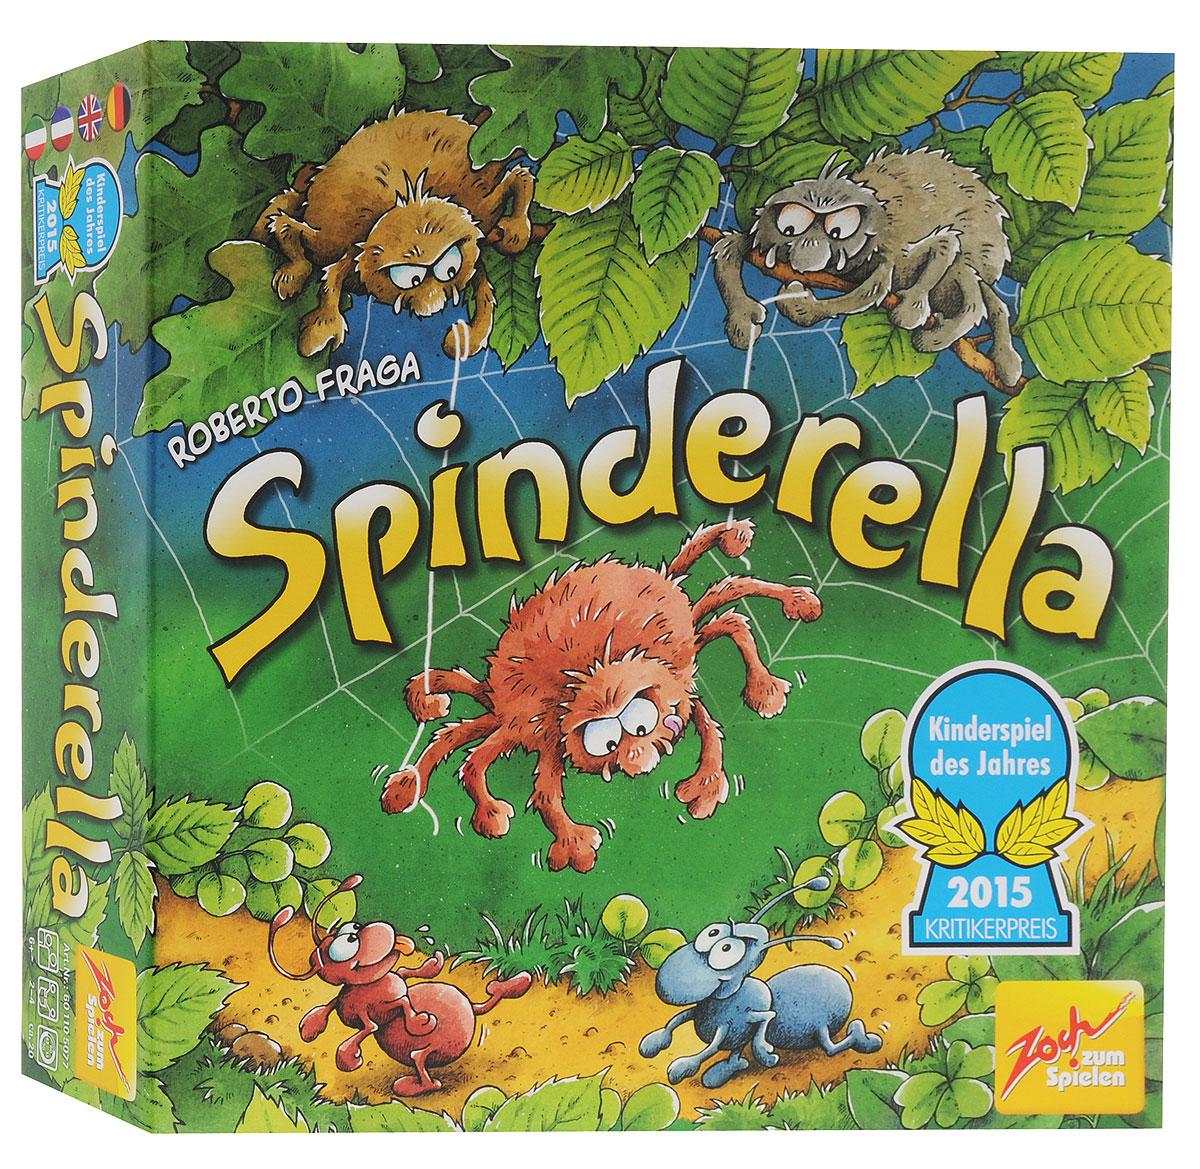 Zoch Настольная игра Спиндерелла601105077Братья-пауки Роберт и Клаус в восторге от своей сестренки Спиндереллы - неизменной участницы их совместных проказ. Ведь она так воздушно легка, что братья могут спускать ее вниз на одной тонкой паутинке. Спиндерелла обожает эту игру: подстеречь на лесной тропинке неосторожного муравьишку и, подняв его в воздух, отнести к самому началу. Спиндерелла и ее братья не знают, что именно сегодня проходит большой международный муравьиный марафон. Команды из трех муравьев будут изо всех сил стремиться к финишу - но Роберту, Клаусу и Спиндерелле нет дела до спортивных страстей, они просто хотят поиграть... По очереди участники настольной игры Zoch Спиндерелла бросают три кубика. От выпавшего на зеленом кубике символа, зависит, передвинет игрок одного из своих муравьев-марафонцев, разрешит порезвиться паучьей семейке или переставит в другое место пенек. Белый кубик определяет, сколько ходов смогут сделать братья-пауки, а коричневый - на сколько делений продвинется выбранный игроком...